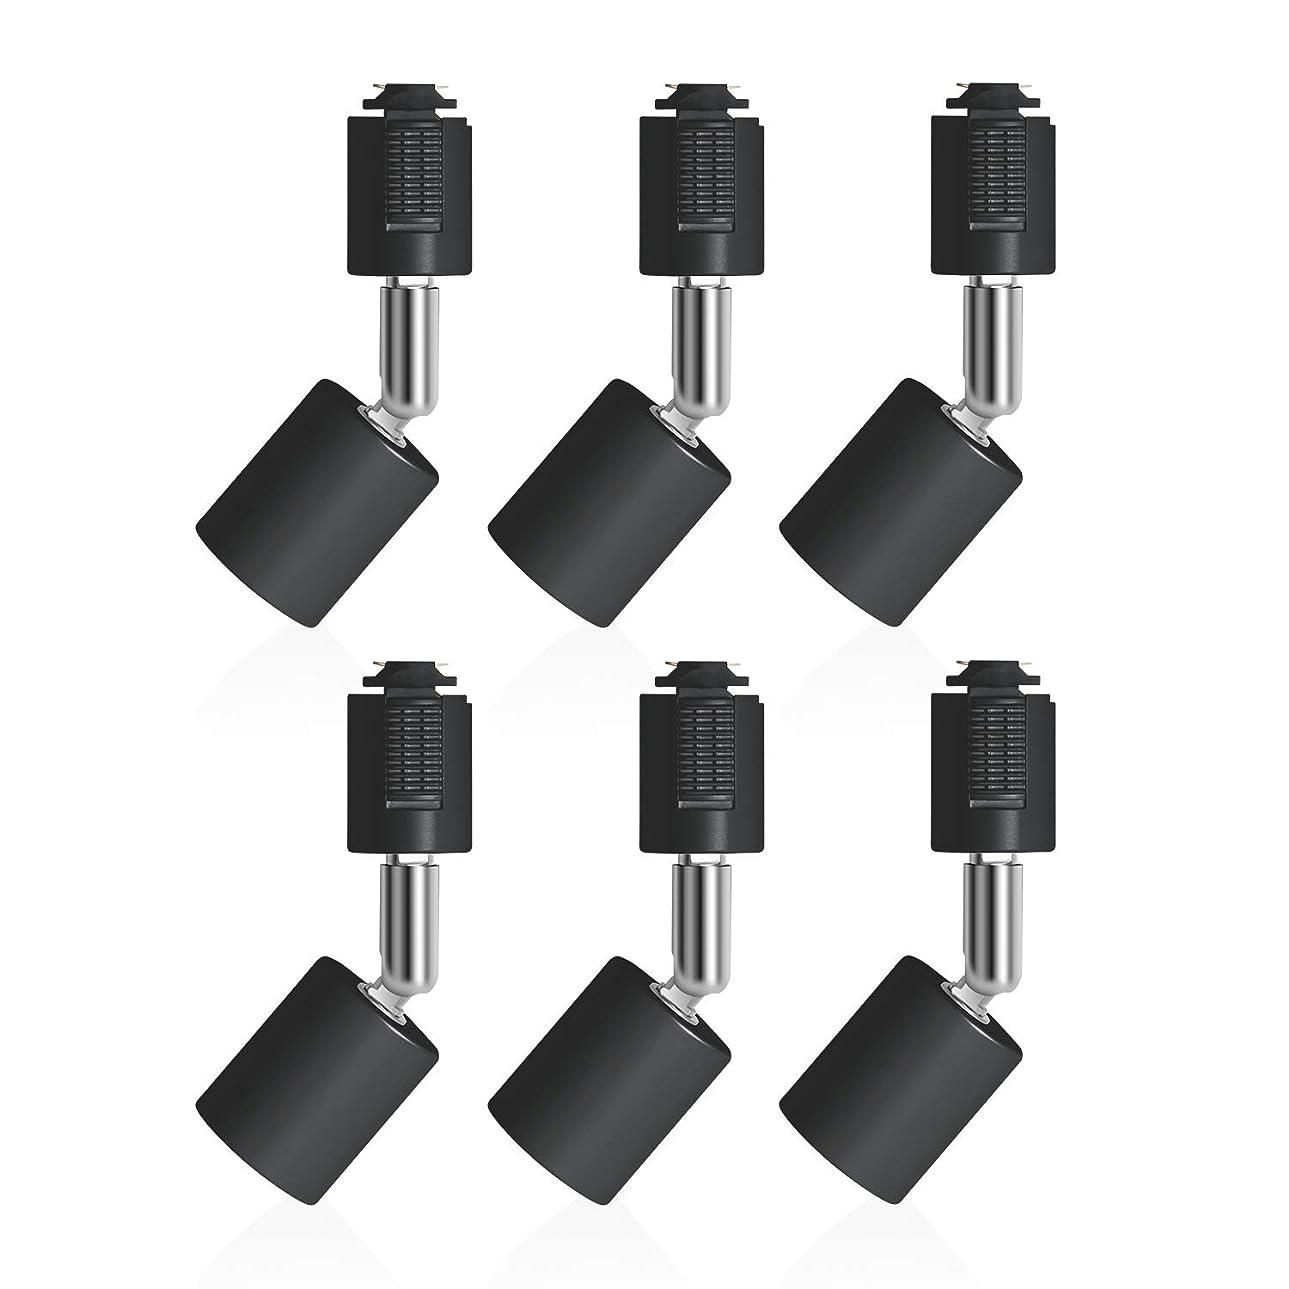 足中世の想定するDiCUNO ライティングバー用スポットライト E26口金 配線ダクトレール用器具 ライティングレール LED対応 ブラック 6個セット (電球なし)